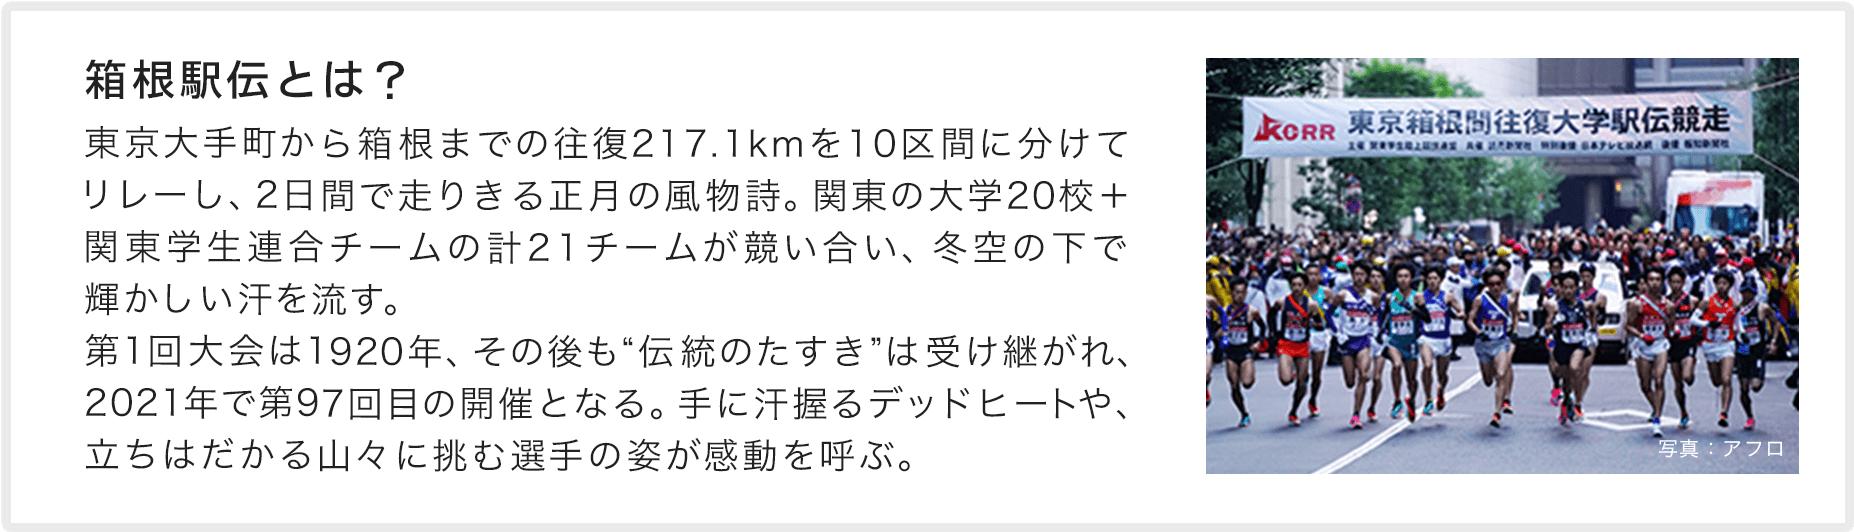 箱根駅伝とは? 東京から箱根までの往復217.1kmを10区間に分けてリレーし、2日間で走りきる正月の風物詩。